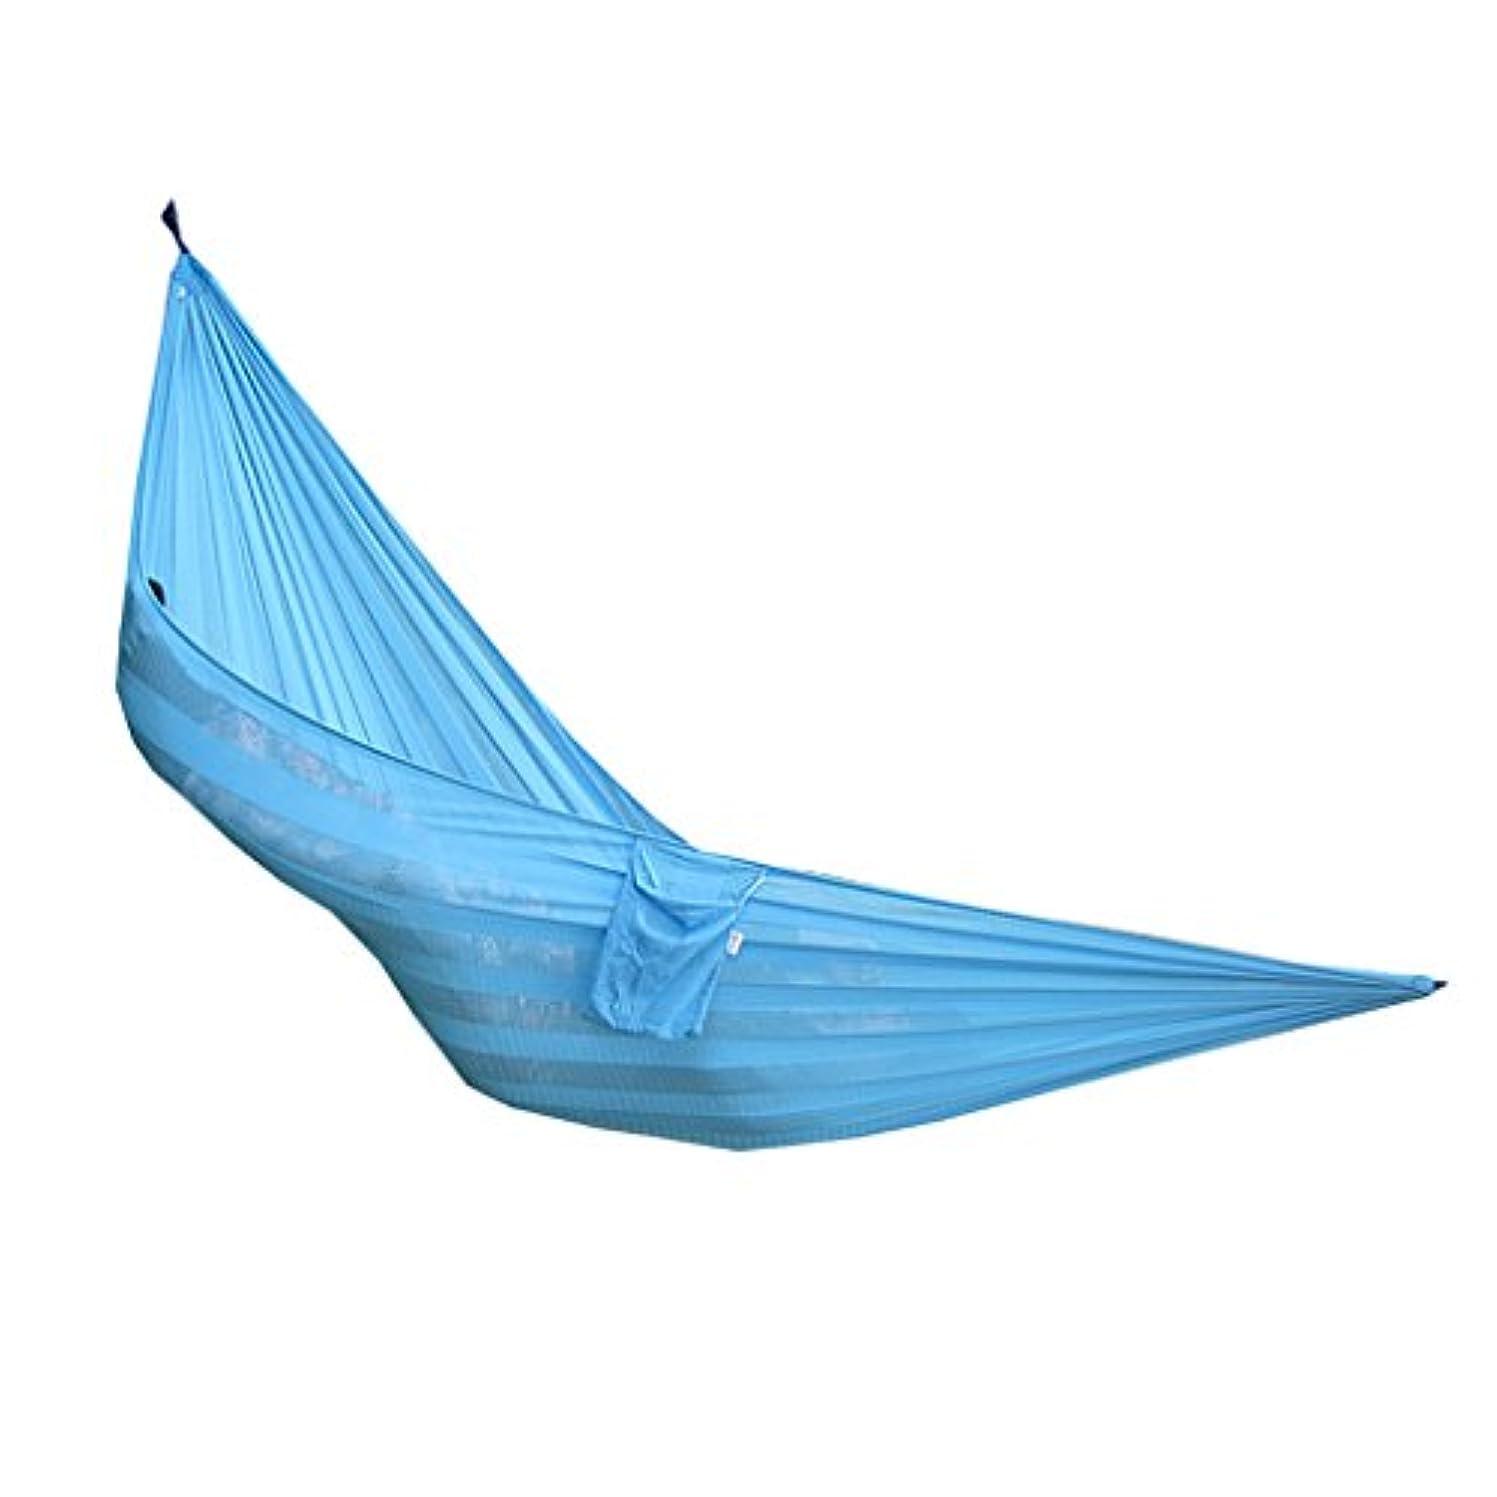 日の出コーヒー論理Baosity ハンモック 快適性 アウトドア キャンプ ナイロン 寝床 全5色 ポータブル アクセサリー付き